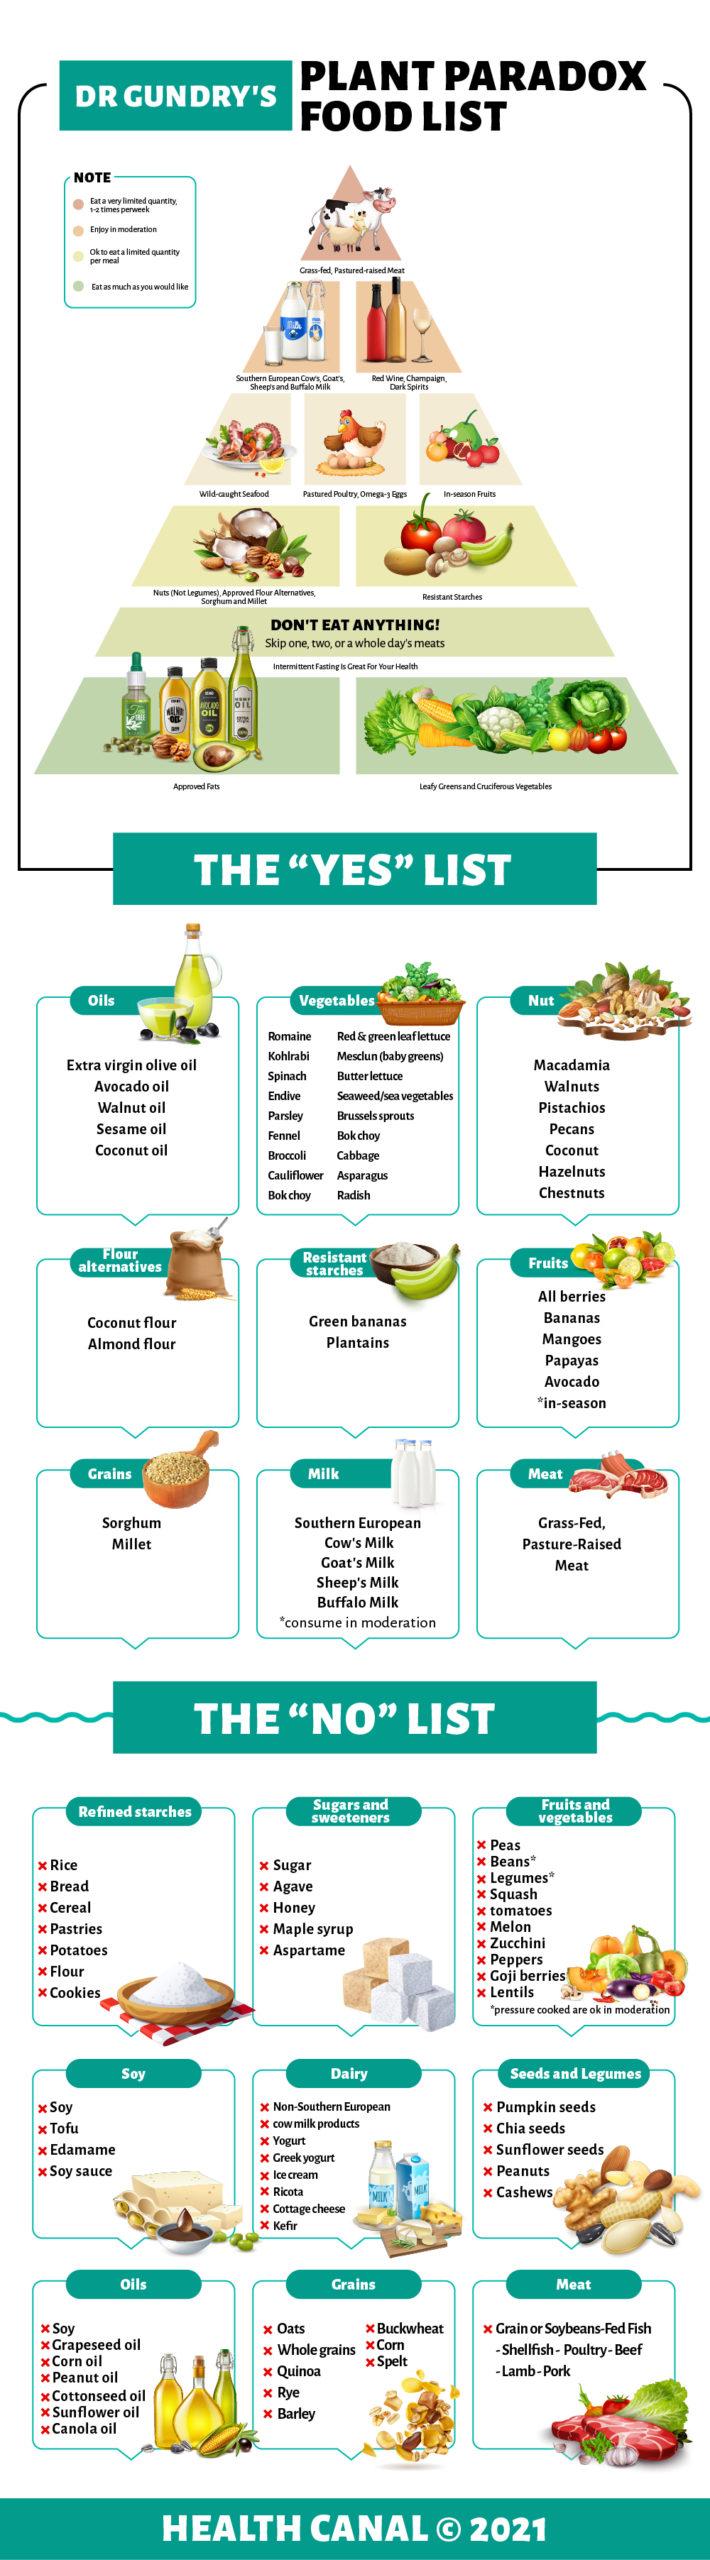 Dr.-Gundrys-Plant-Paradox-Food-List